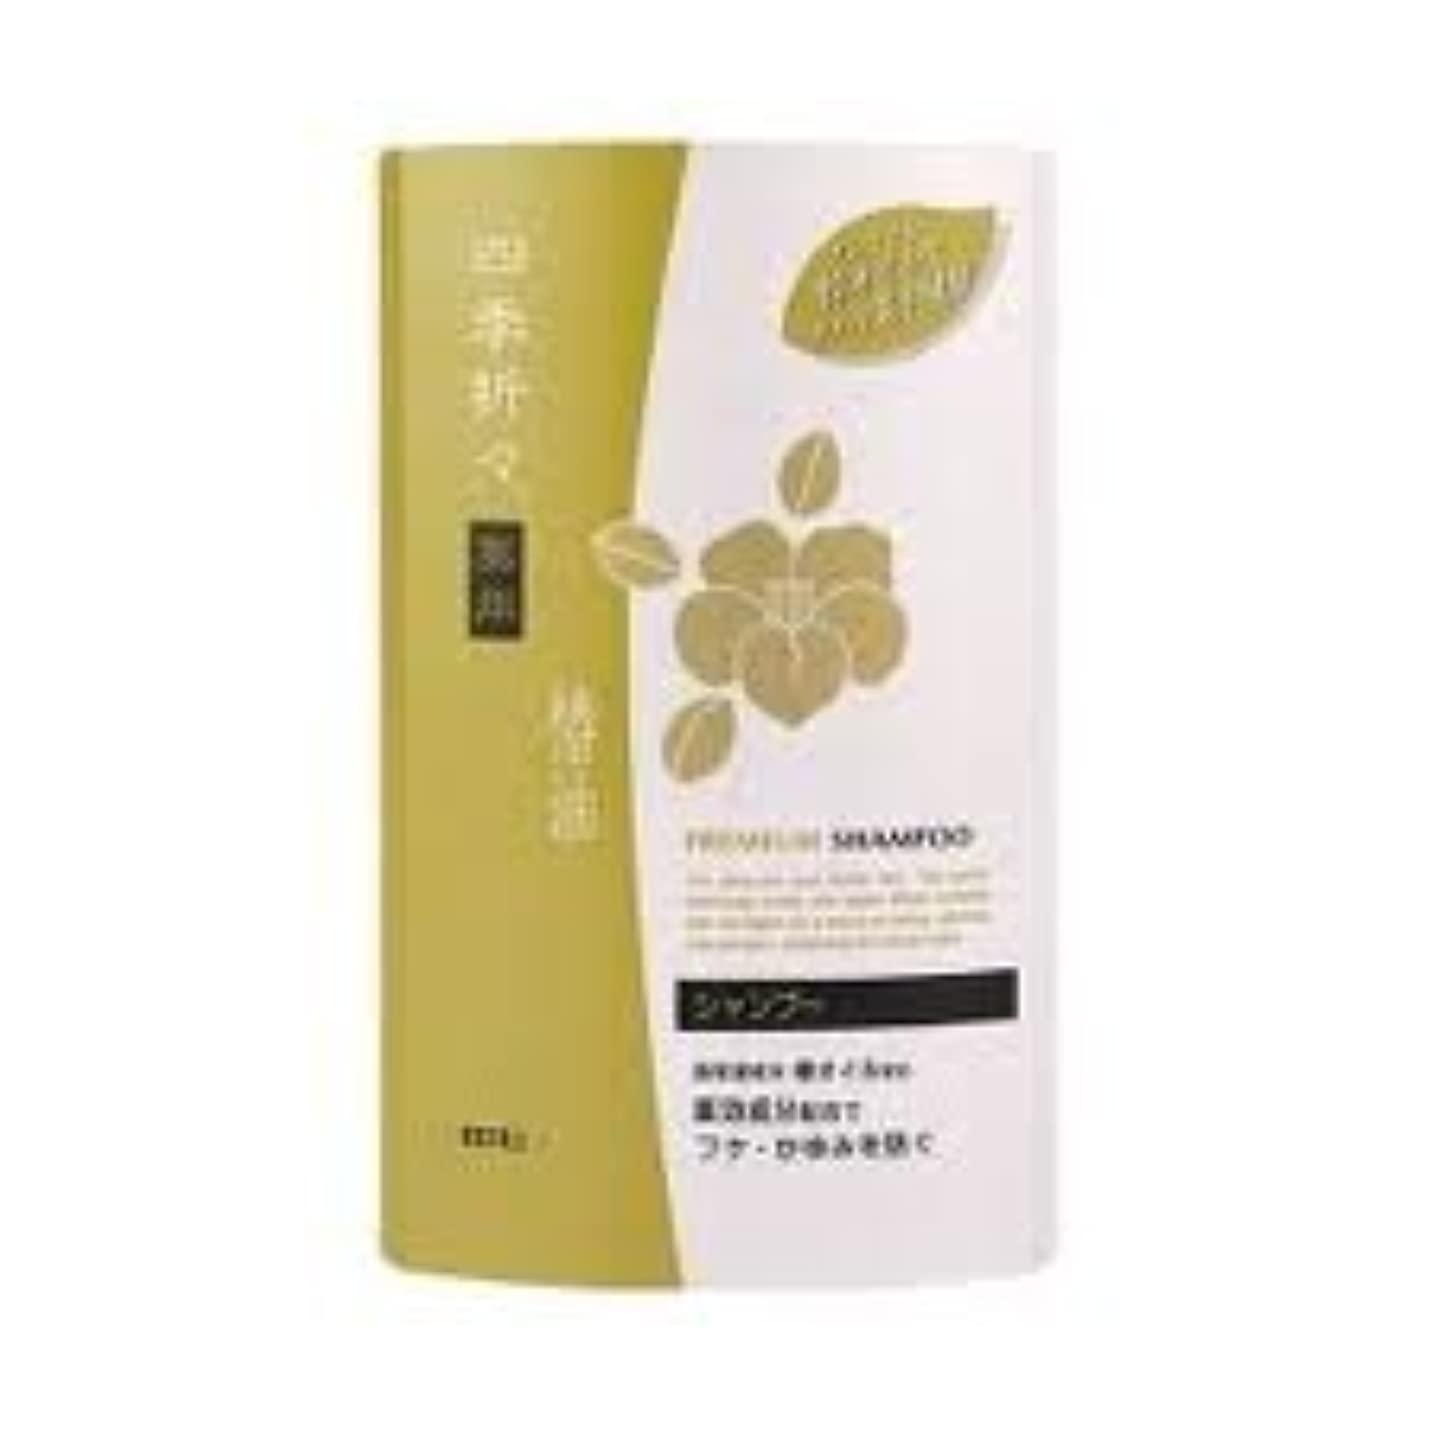 有名人文化災害熊野油脂 四季折々 薬用椿油シャンプー つめかえ用 400ml×24点セット (4513574011823)